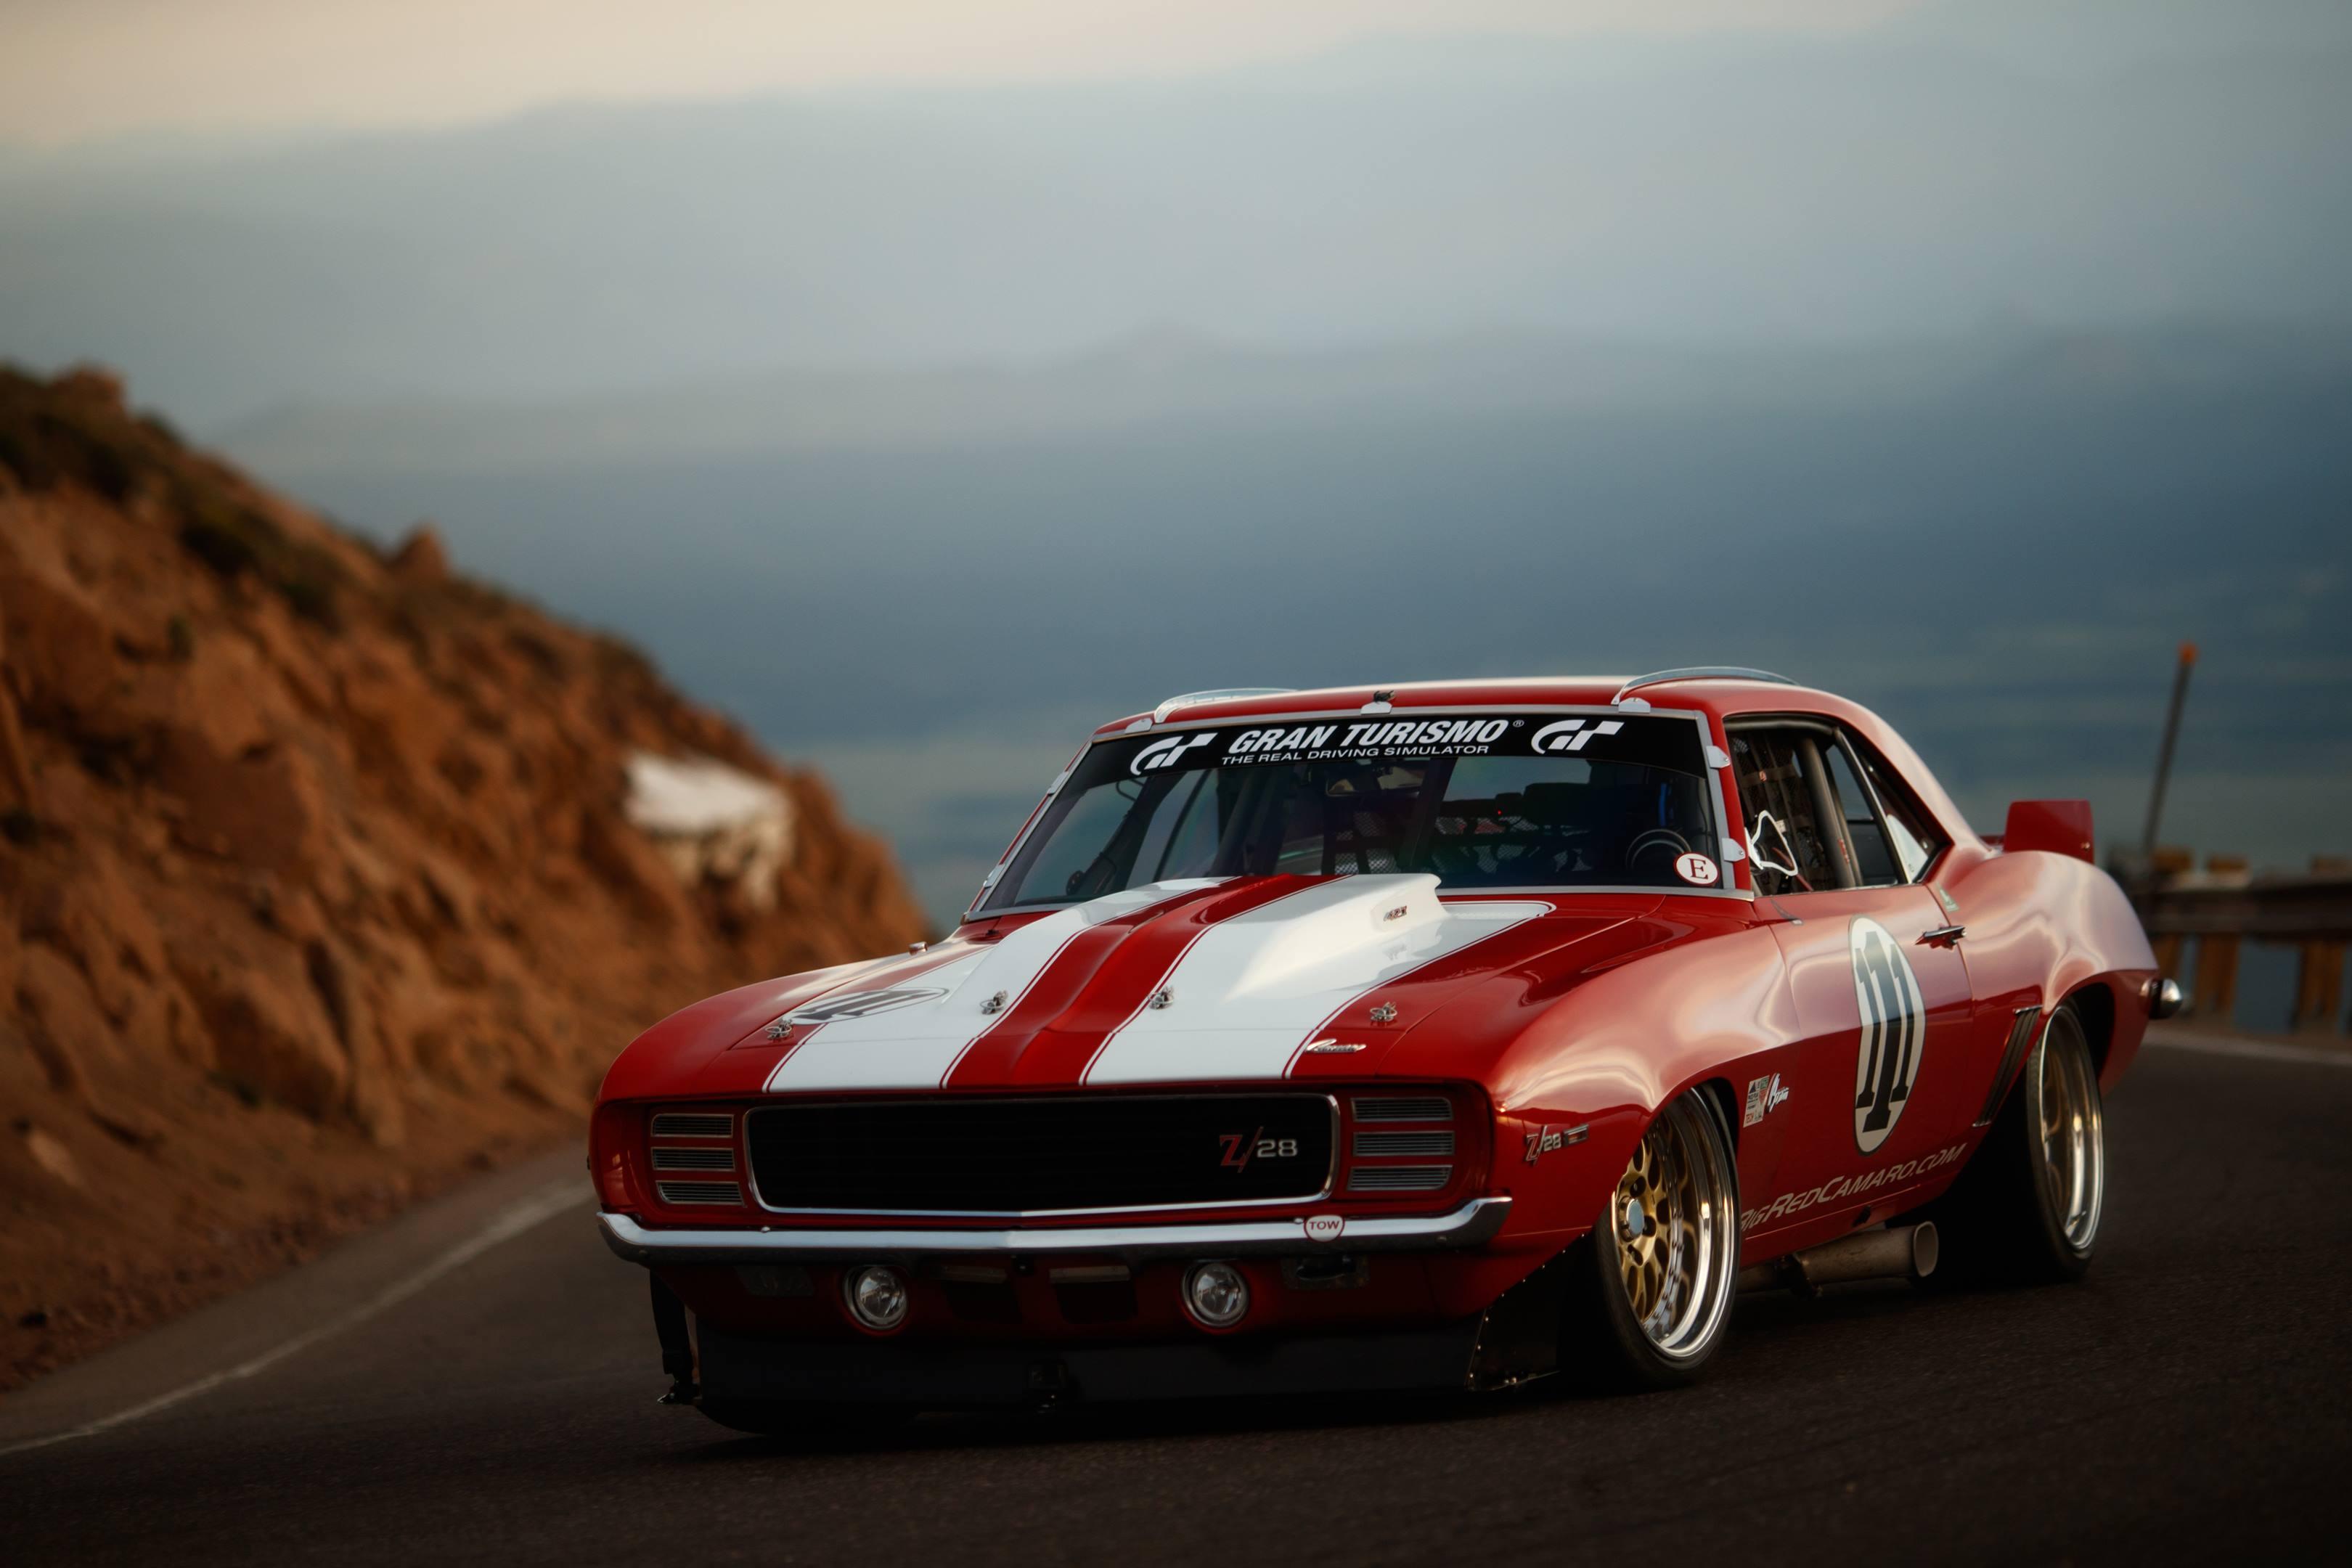 Bid Red racing